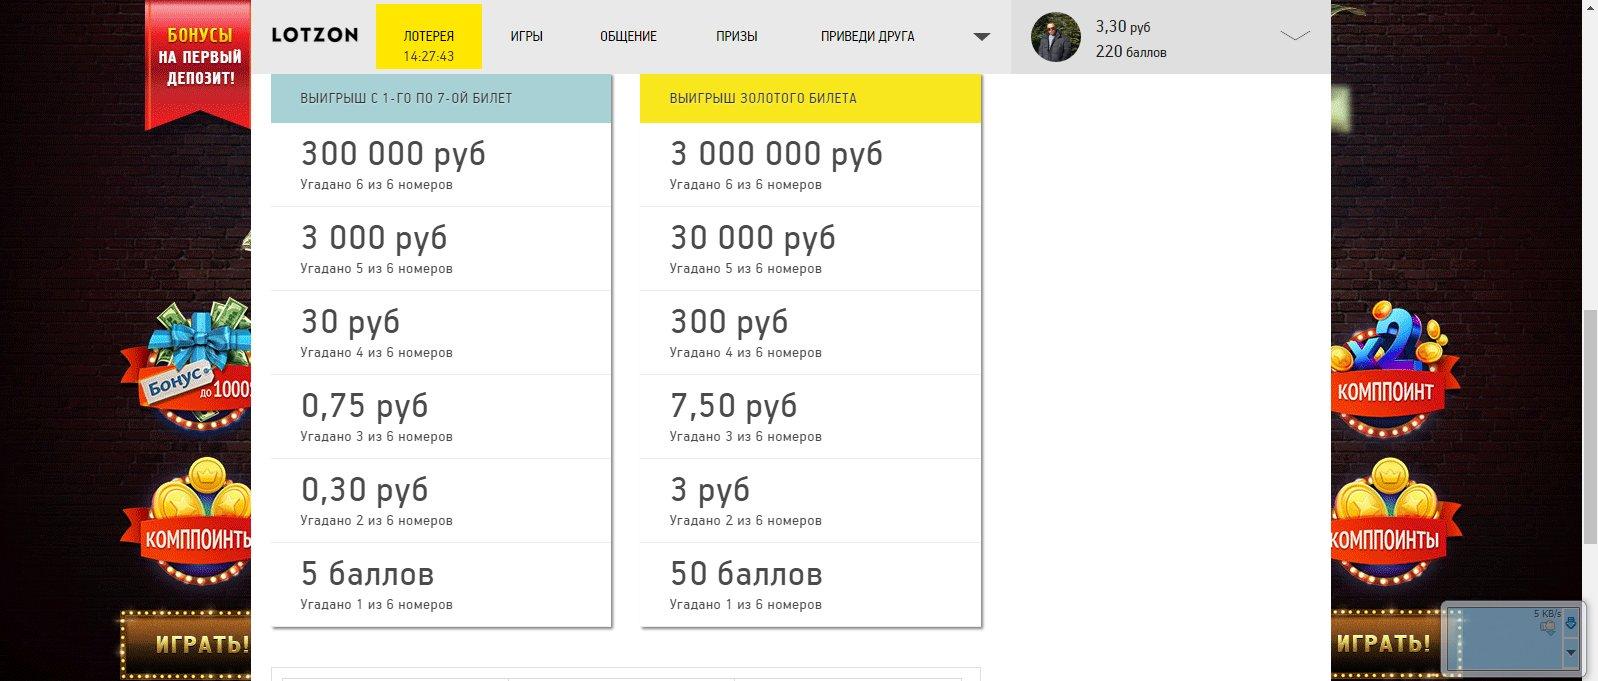 онлайн игры на деньги с выводом денег на карту в беларуси